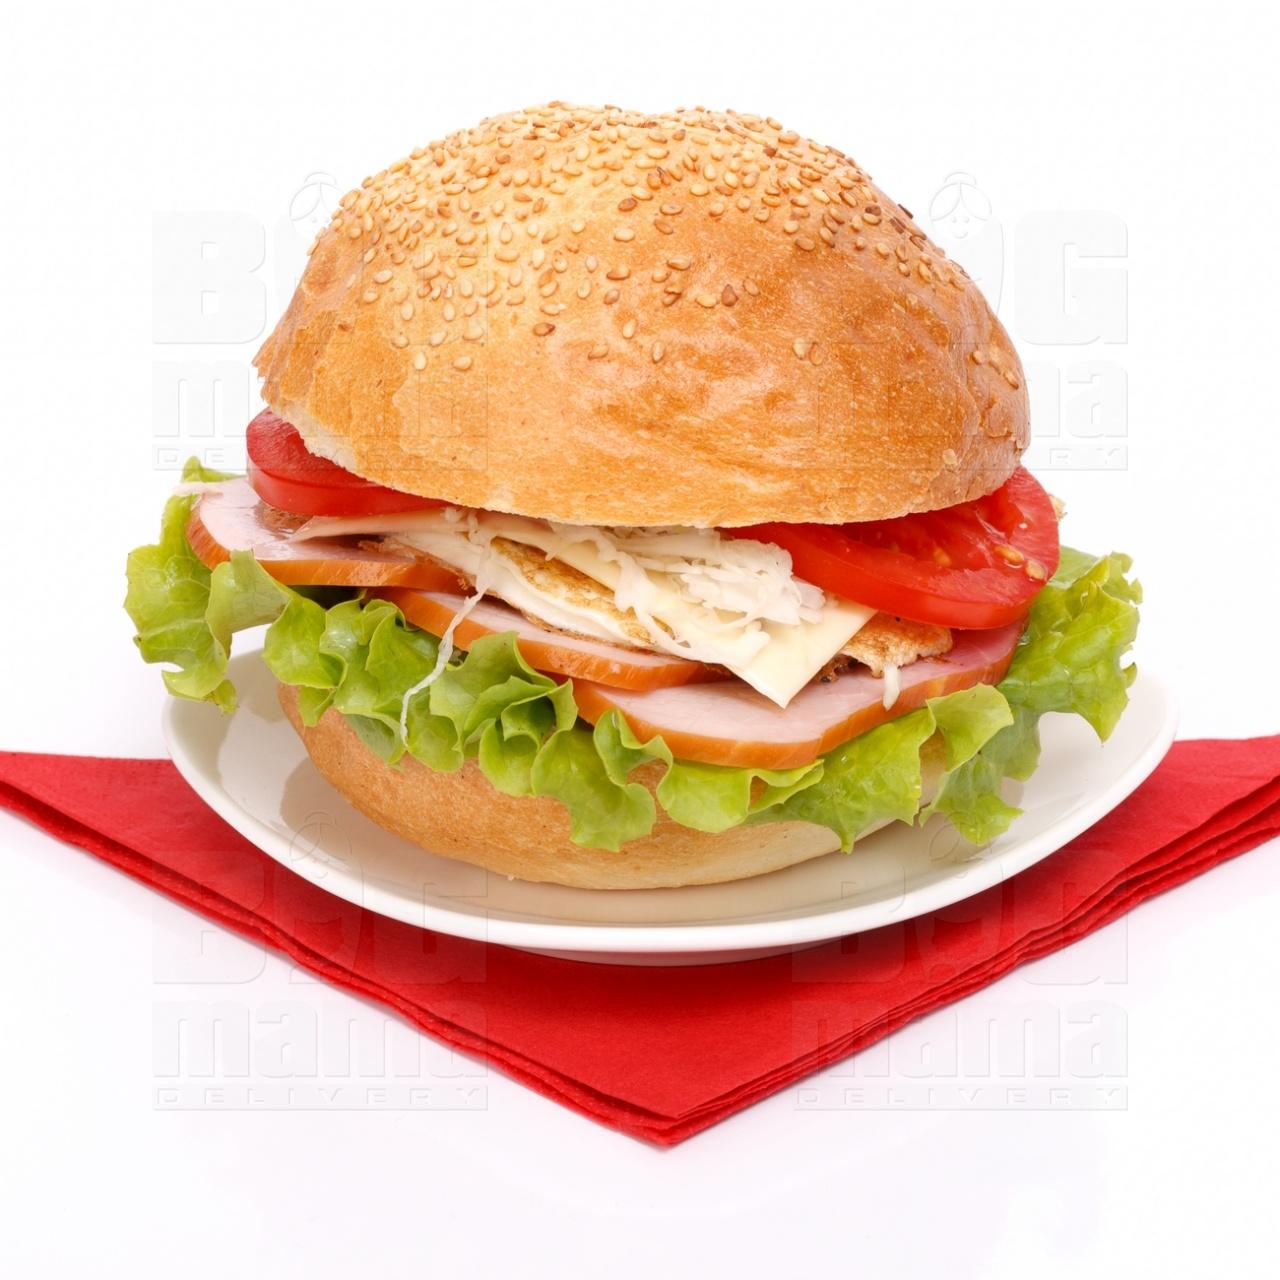 Product #51 image - Sandviş mic cu jambon afumat, caşcaval şi ouă